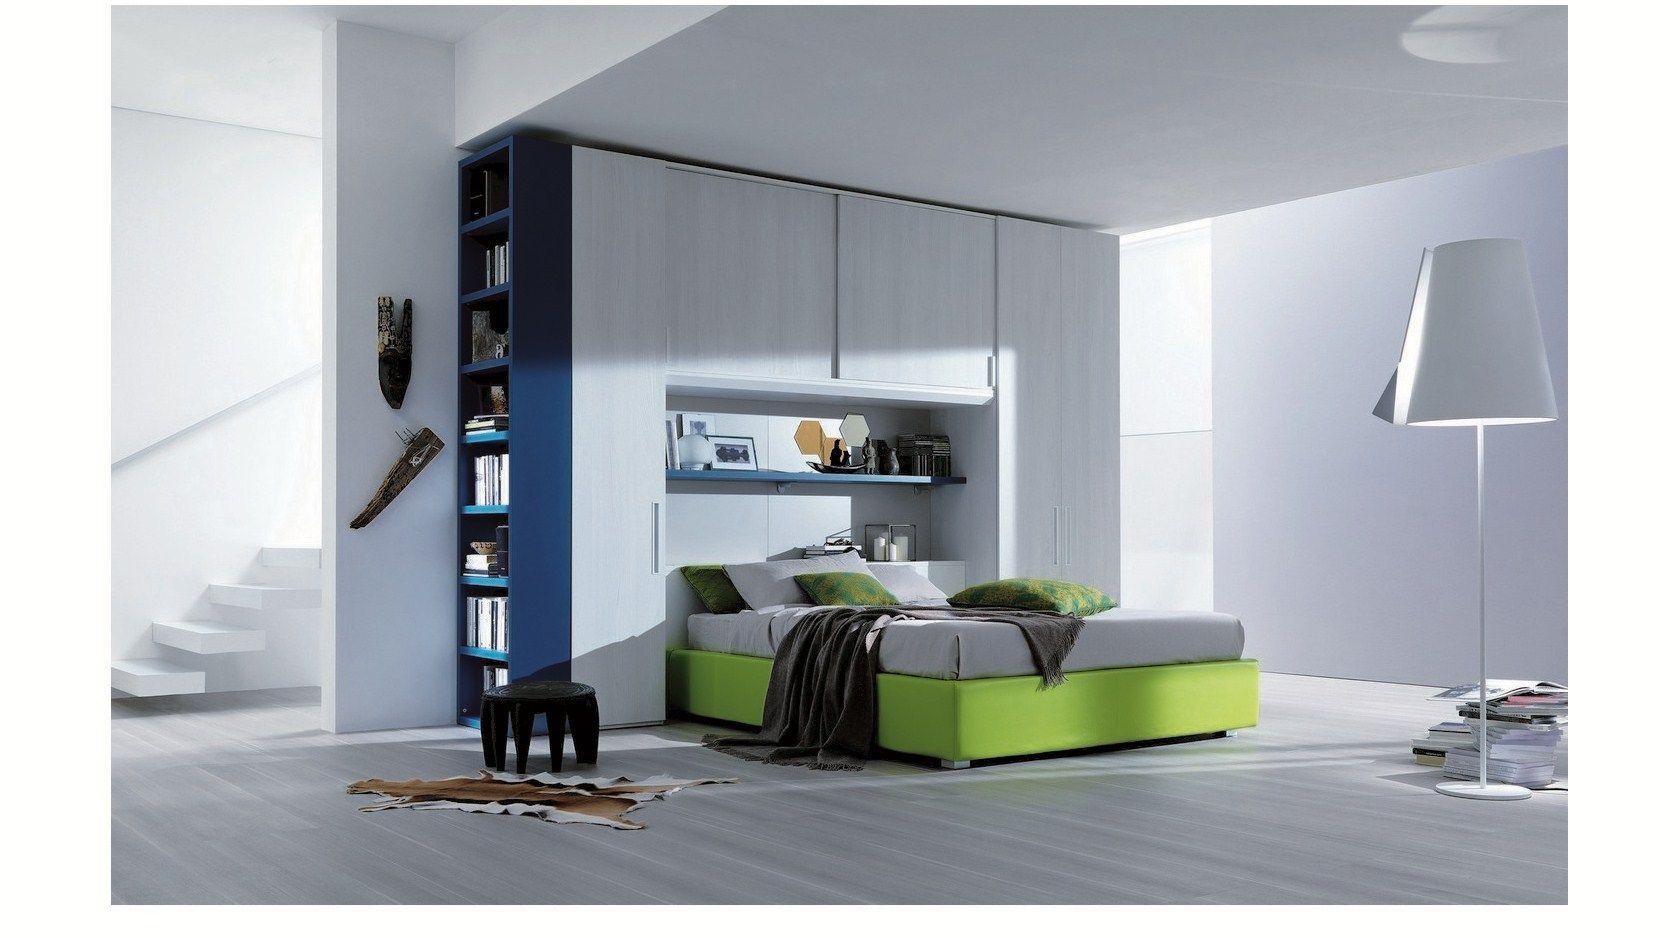 Progetto 10 armadio a ponte scorrevole progetti camere for Ikea armadio ponte